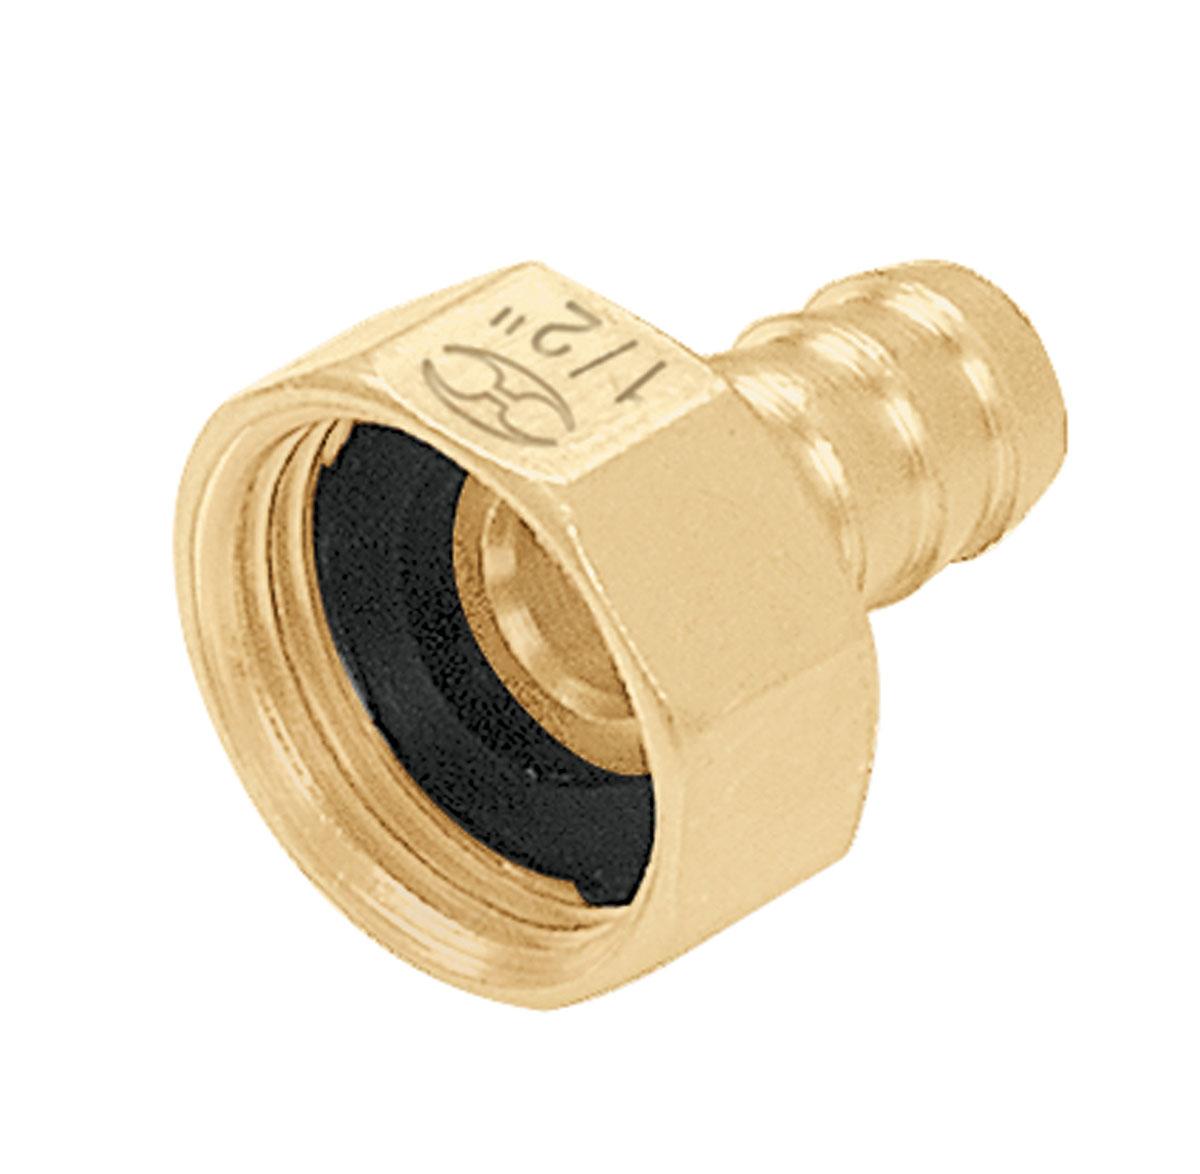 Коннектор для шланга Truper, латунный, мама, 1/2CF-1/2BШланговый коннектор Truper, выполненный из латуни, предназначен для быстрого и многократного присоединения и отсоединения шланга к насадкам или крану. Тип соединения мама.